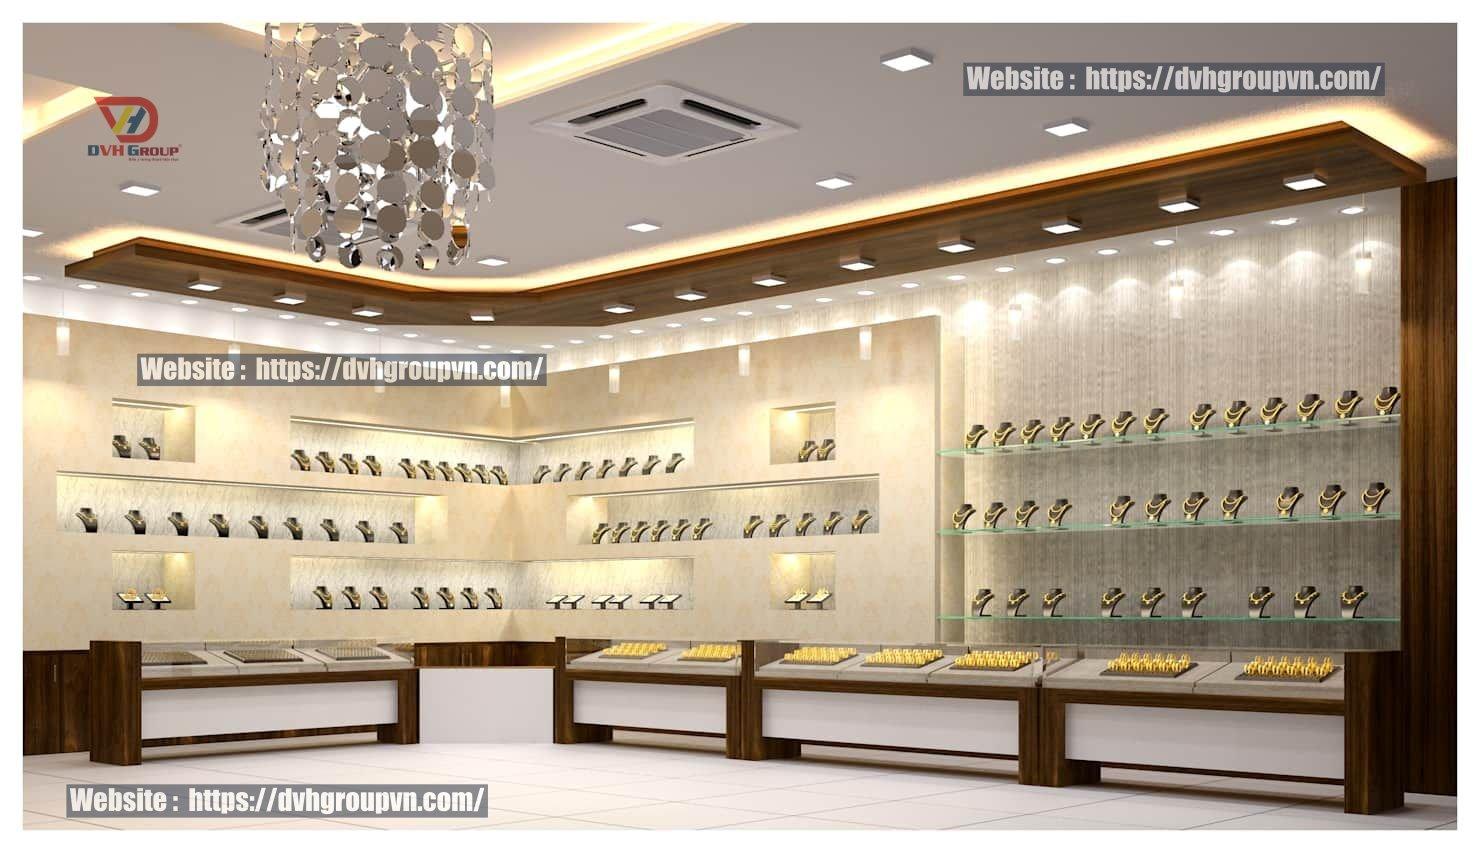 Đơn vị thiết kế nội thất showroom cửa hàng trang sức tại quận 7 - Nội thất DVHGroup